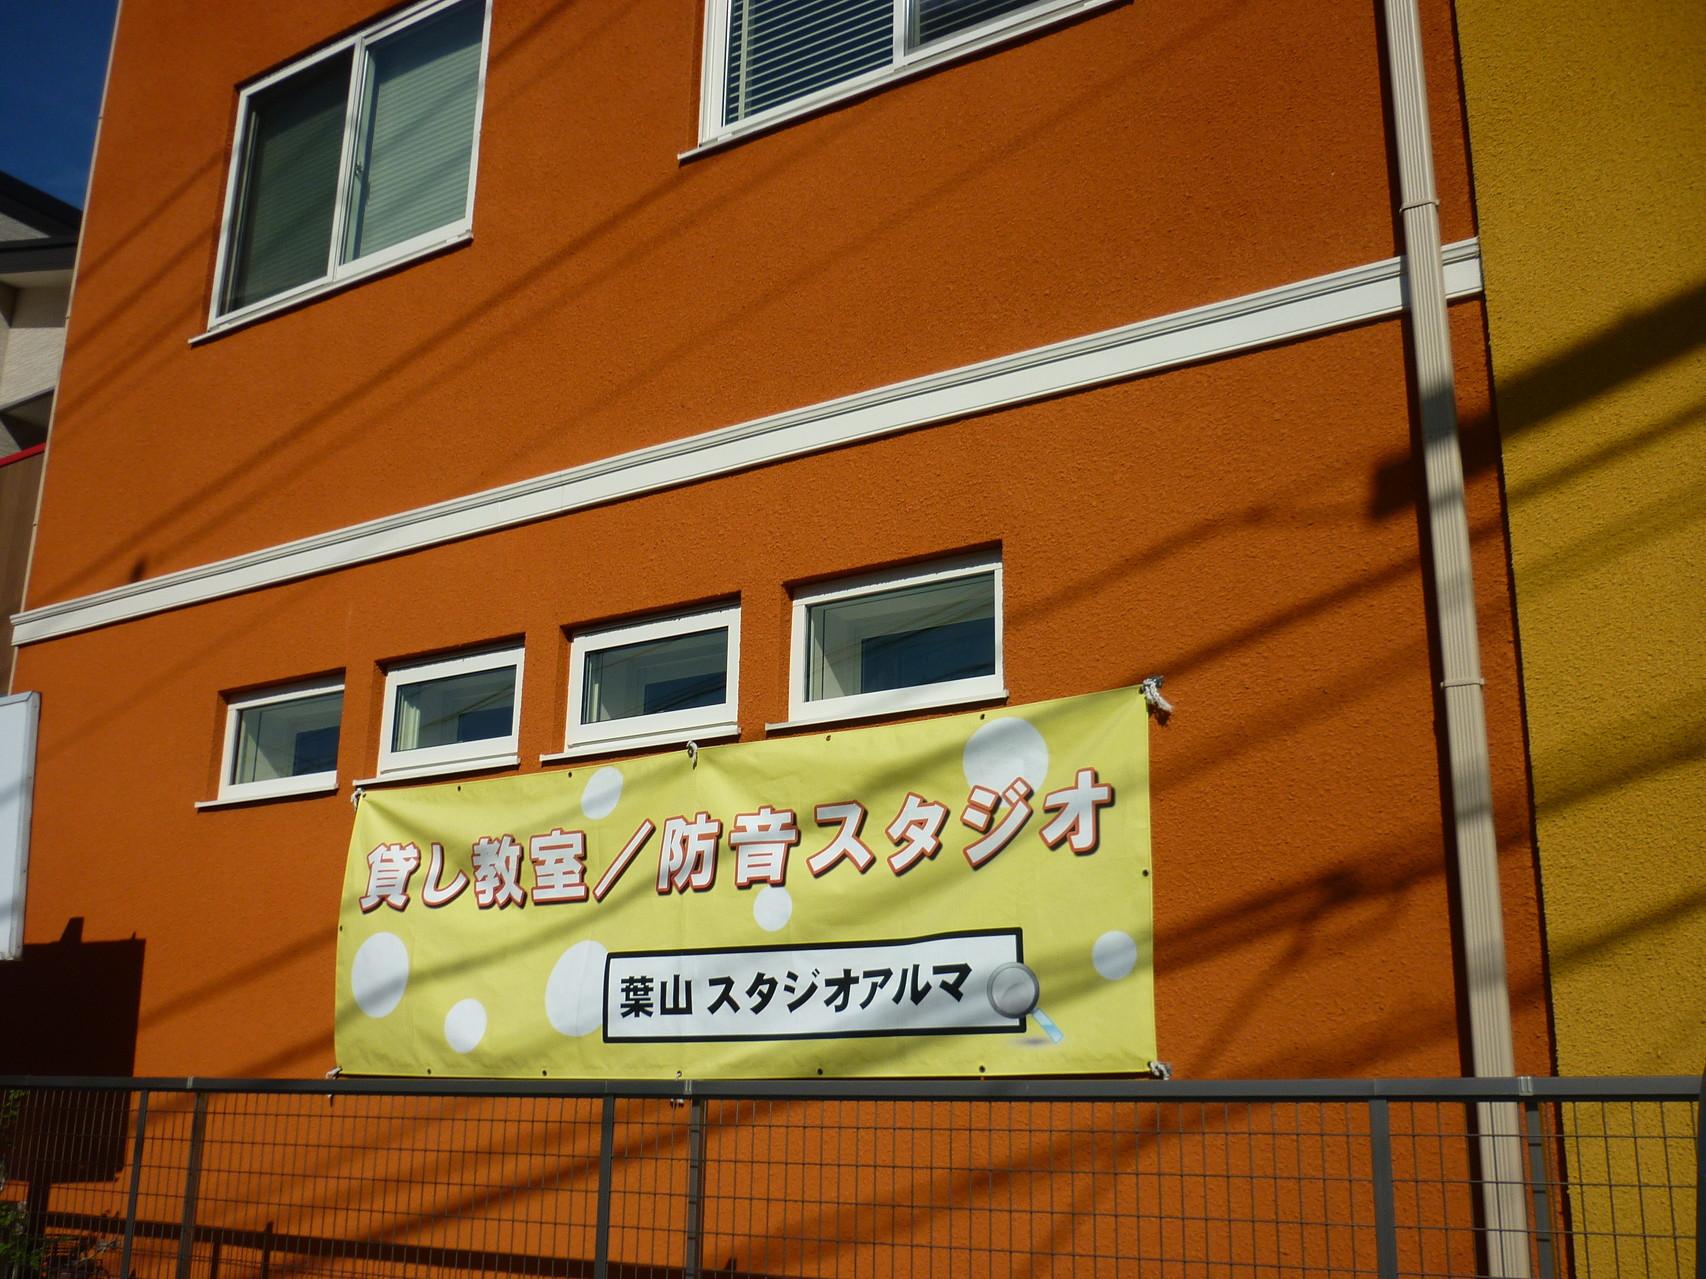 国道沿いのオレンジ色の建物